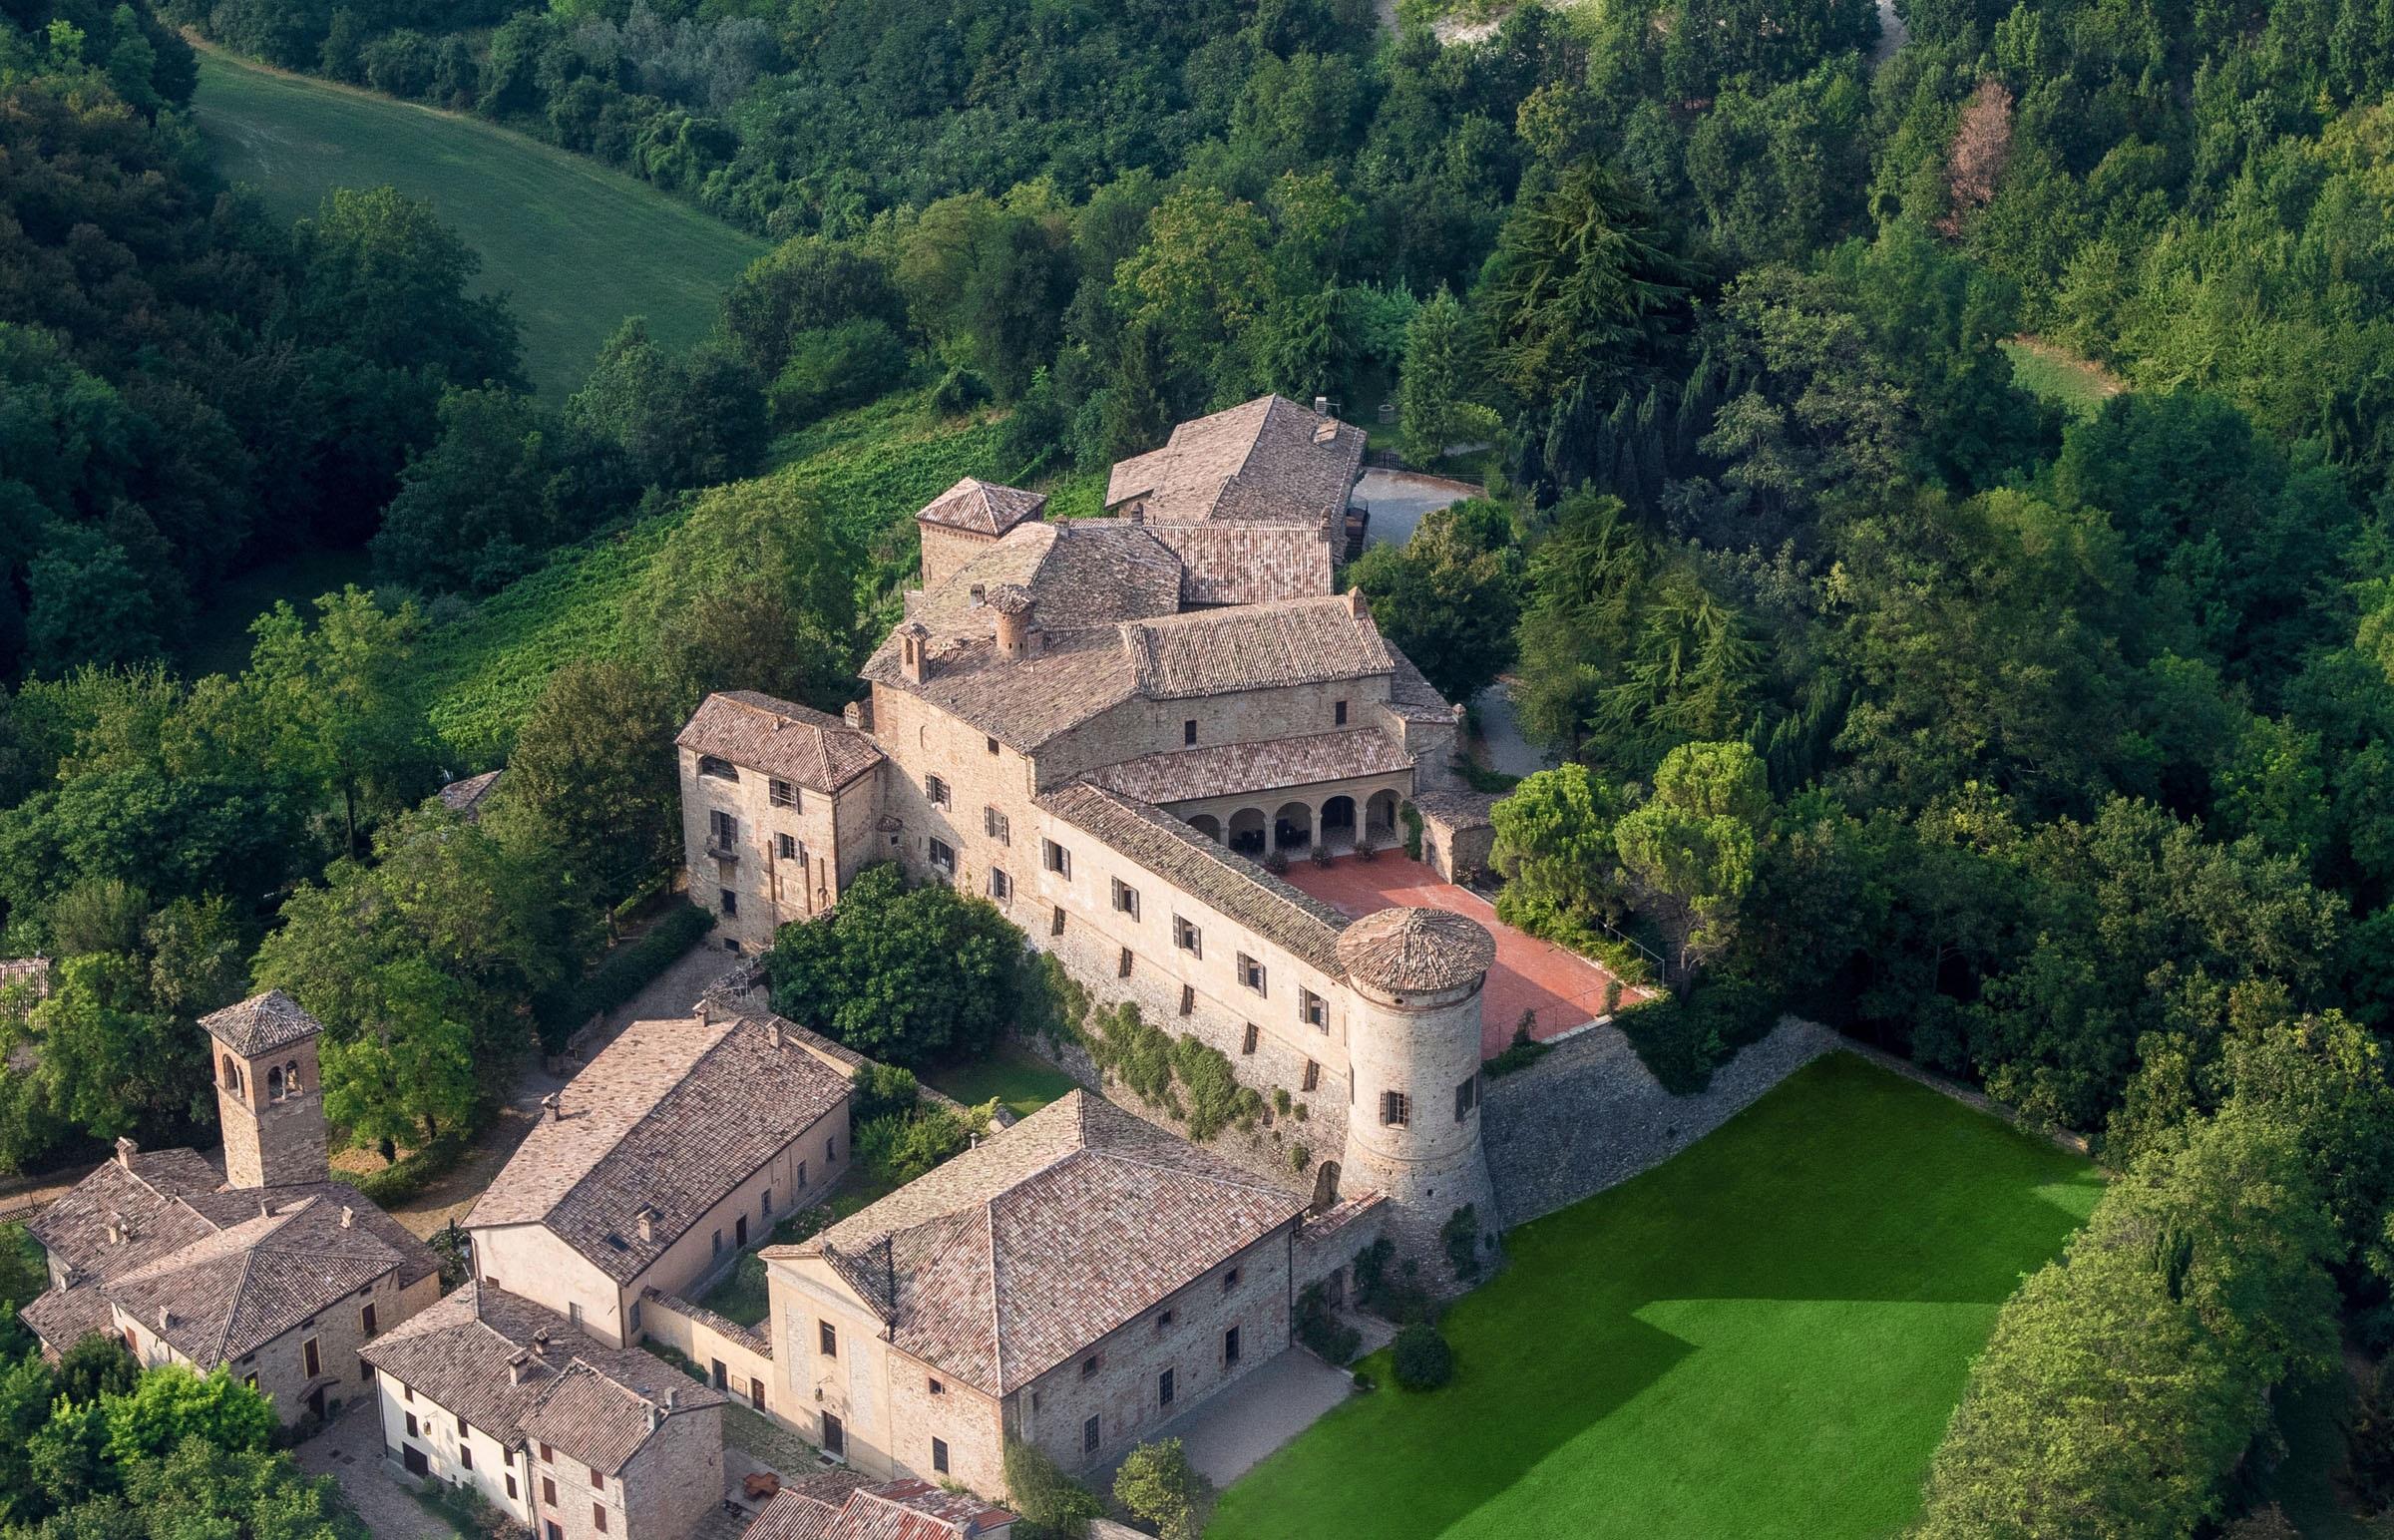 Circuito Castelli del Ducato. Primavera 2021. Castello Scipione (via Castelli del Ducato).